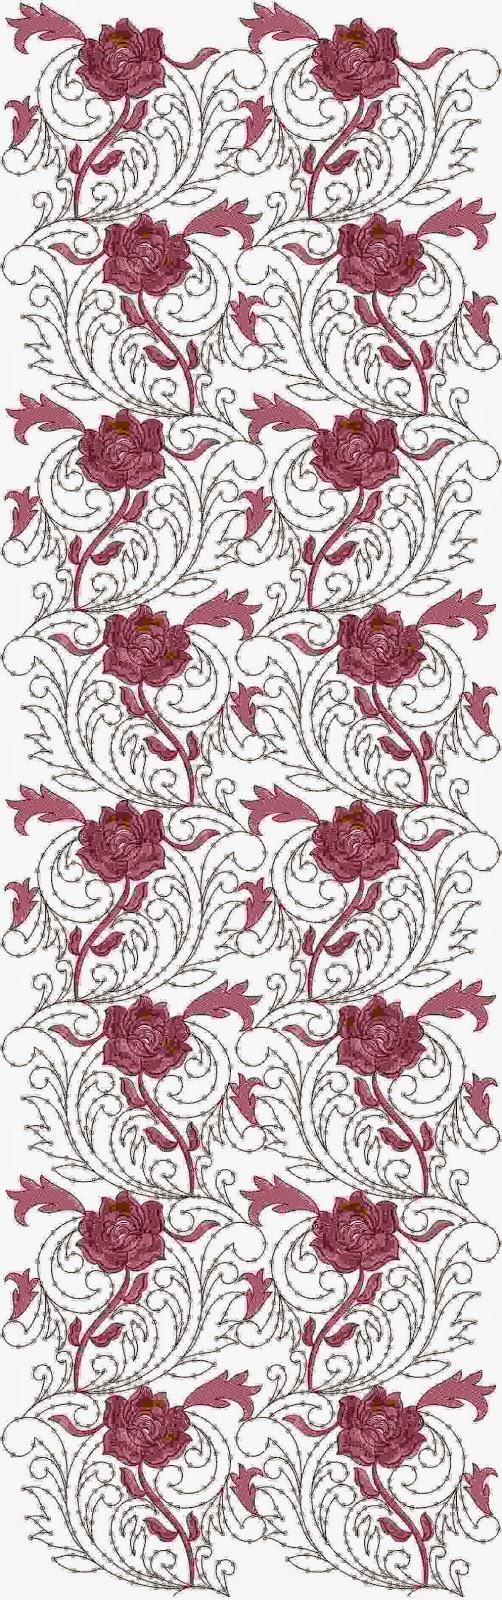 Promosie borduurwerk Patroon